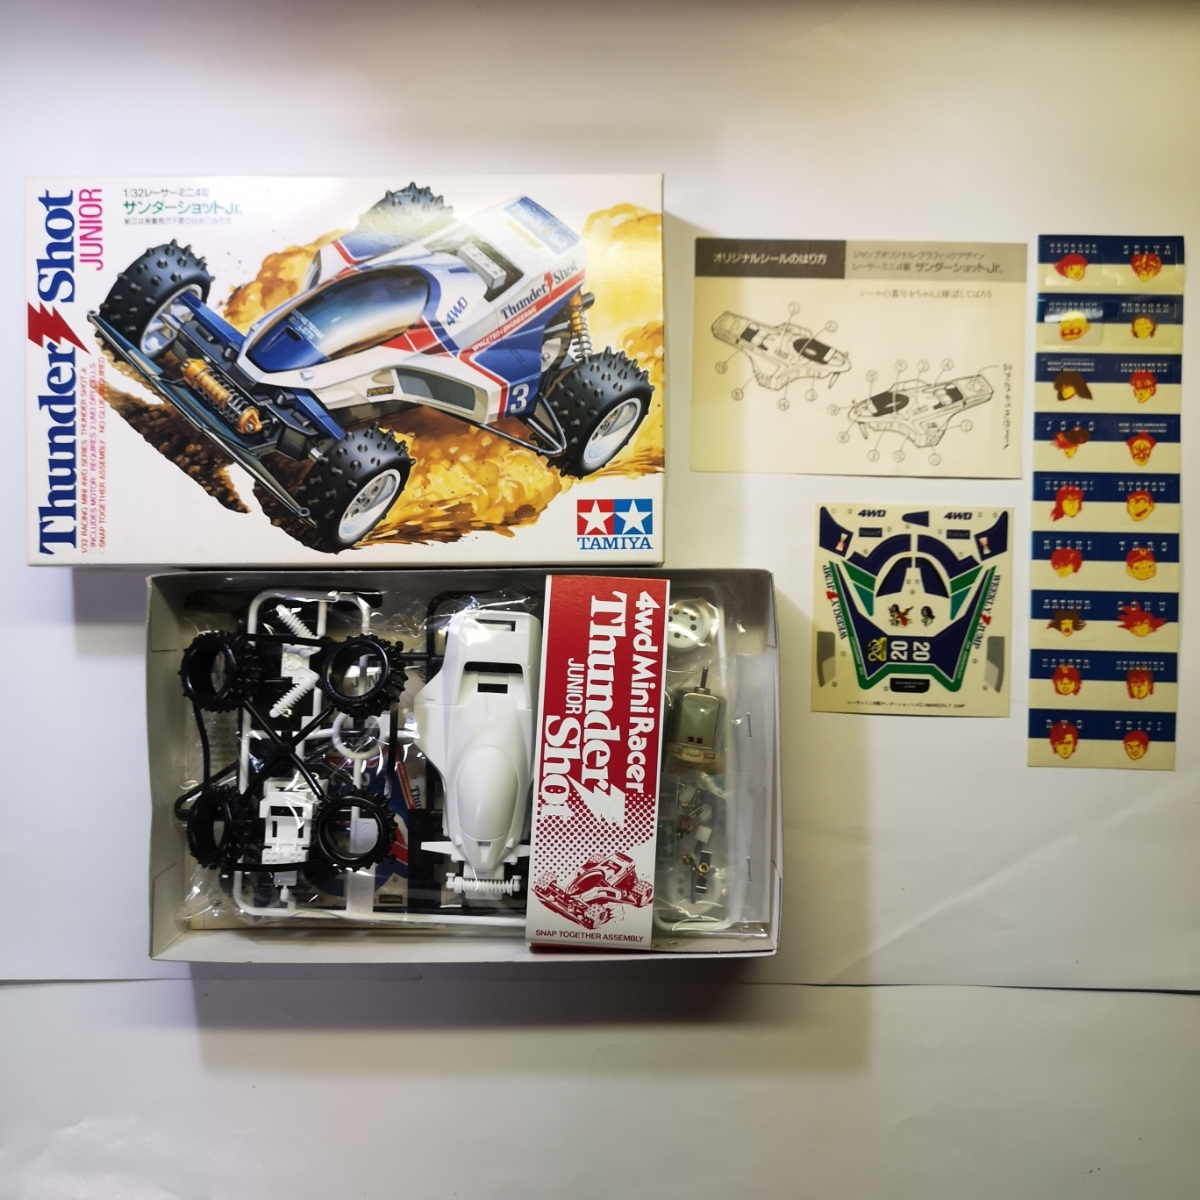 超希少 美品 非売品 週間少年ジャンプ1988年20号 ジャンプオリジナル・グラフィックデザイン レーサーミニ4駆 サンダーショットJr.ミニ四駆